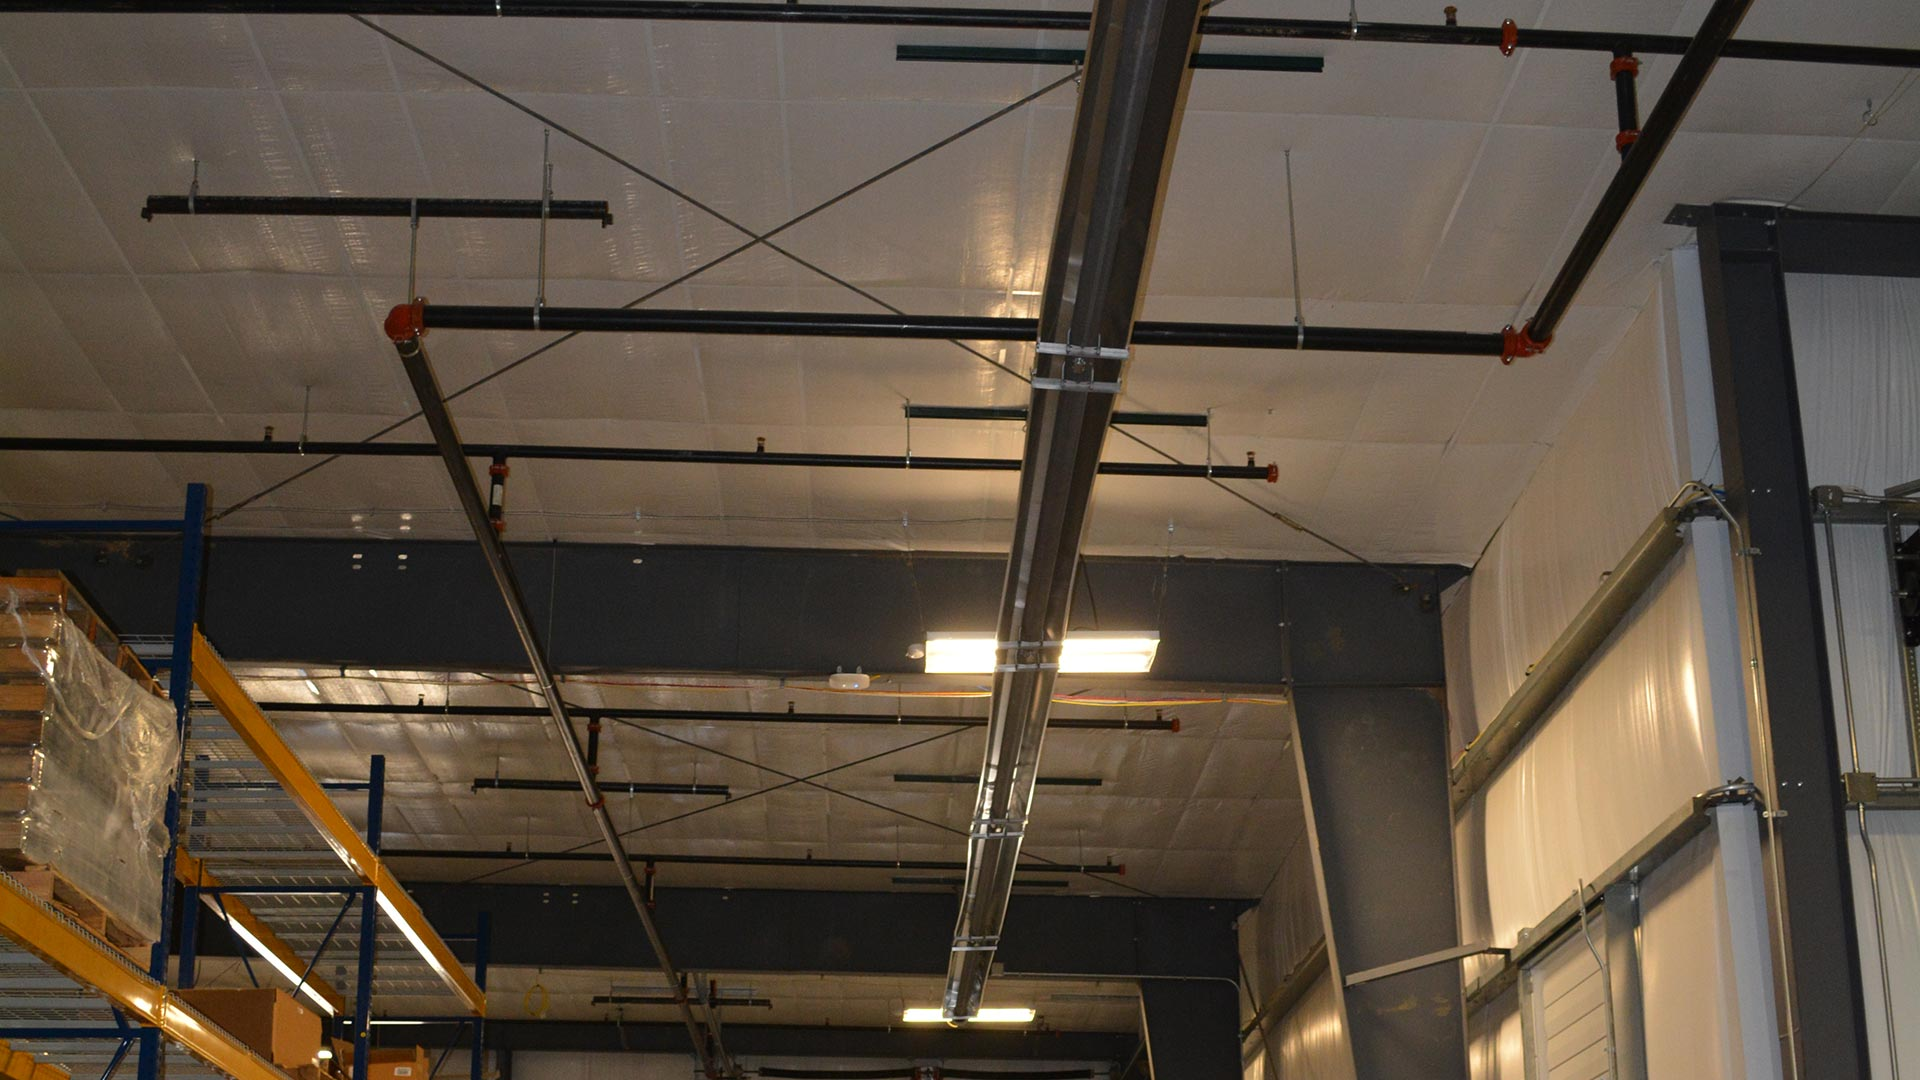 hometown-plumbing-and-heating-davenport-iowa-projects-van-meter-distribution-warehouse-3.jpg